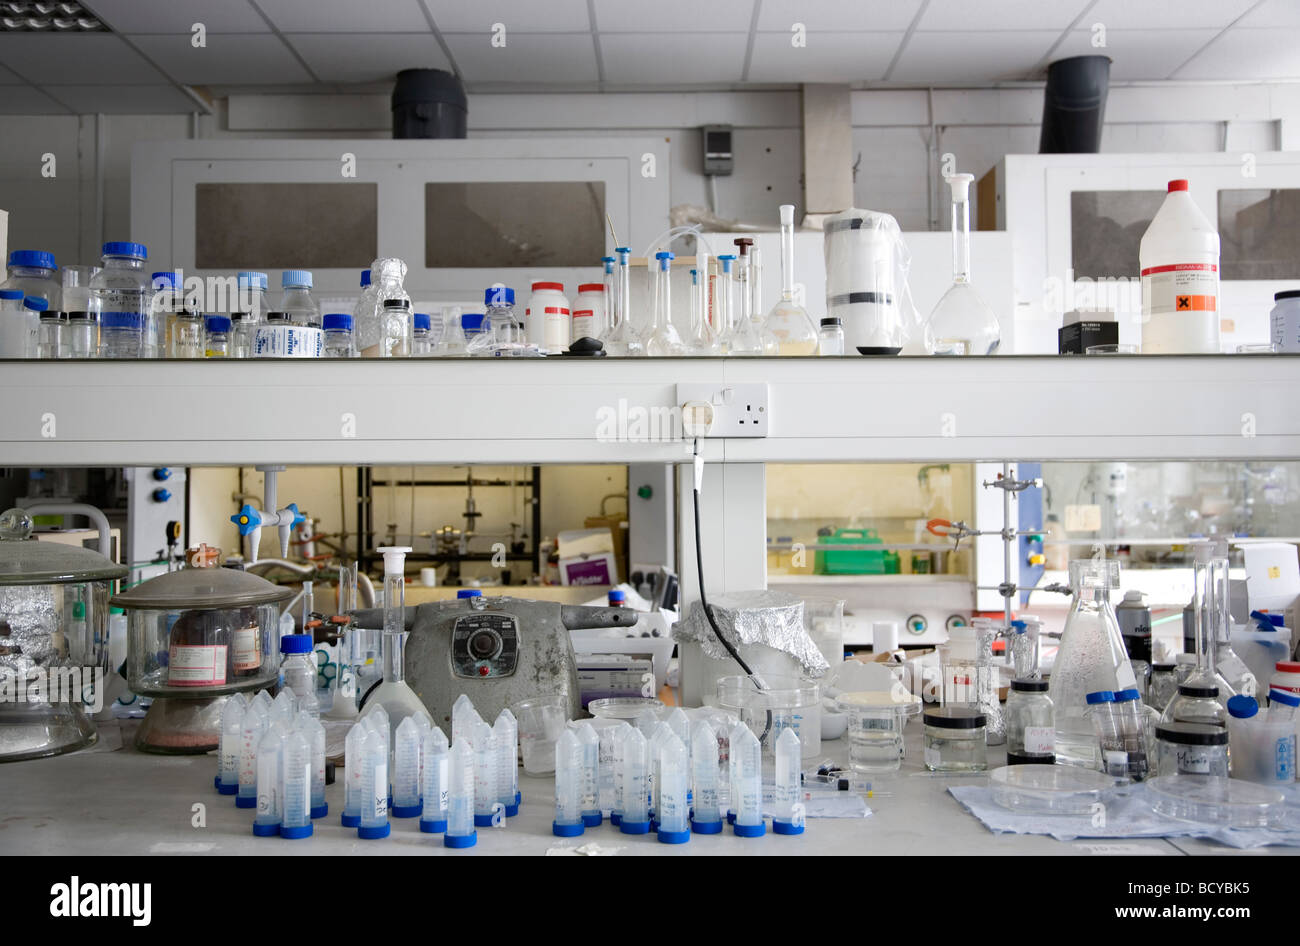 Laboratoire occupé des étagères au laboratoire. Photo Stock